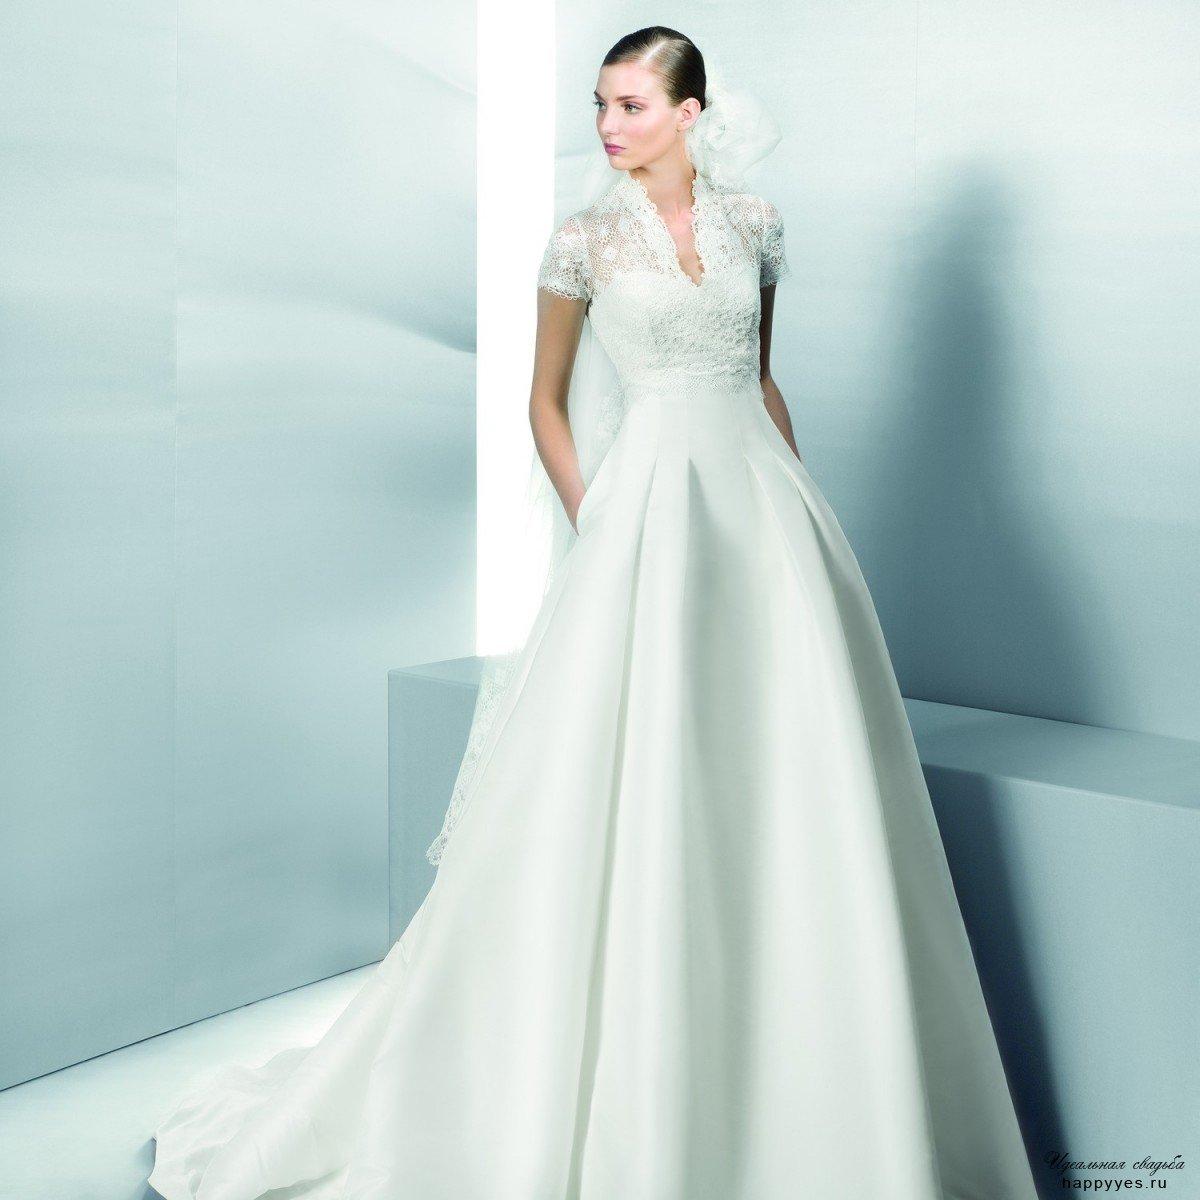 9f1158f9376 Подвенечное платье » Все о свадьбе